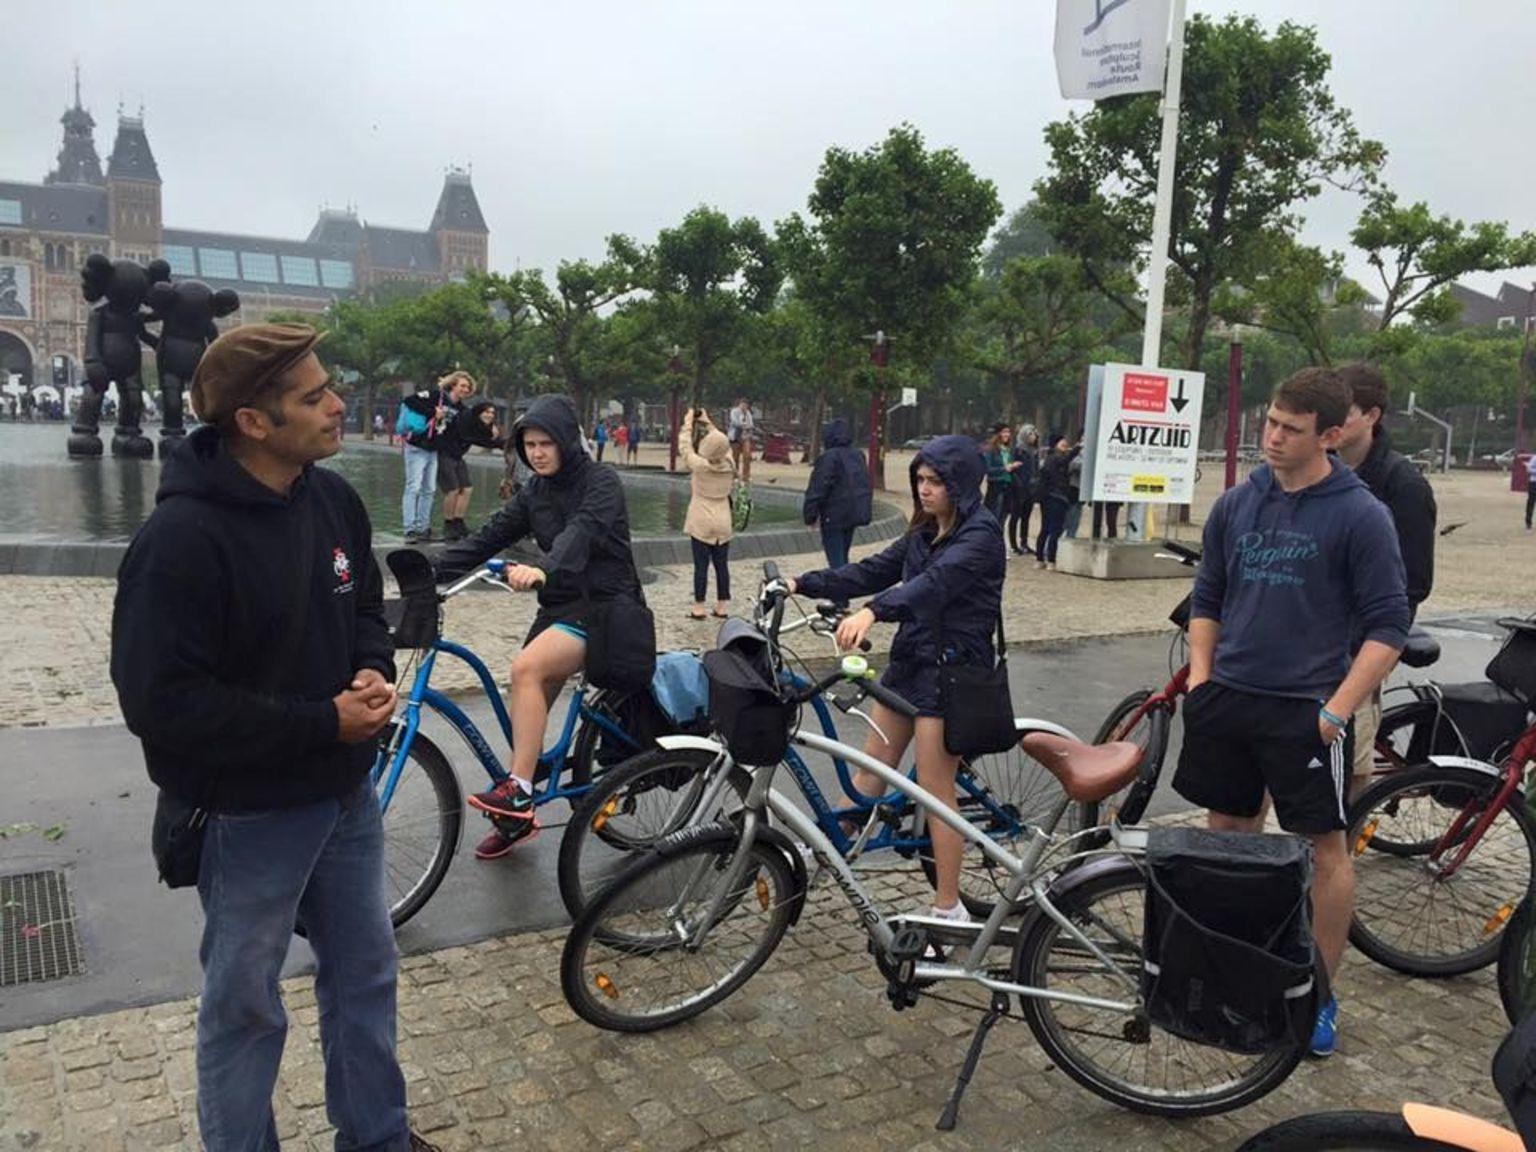 MAIS FOTOS, Excursão de bicicleta pela cidade de Amsterdã